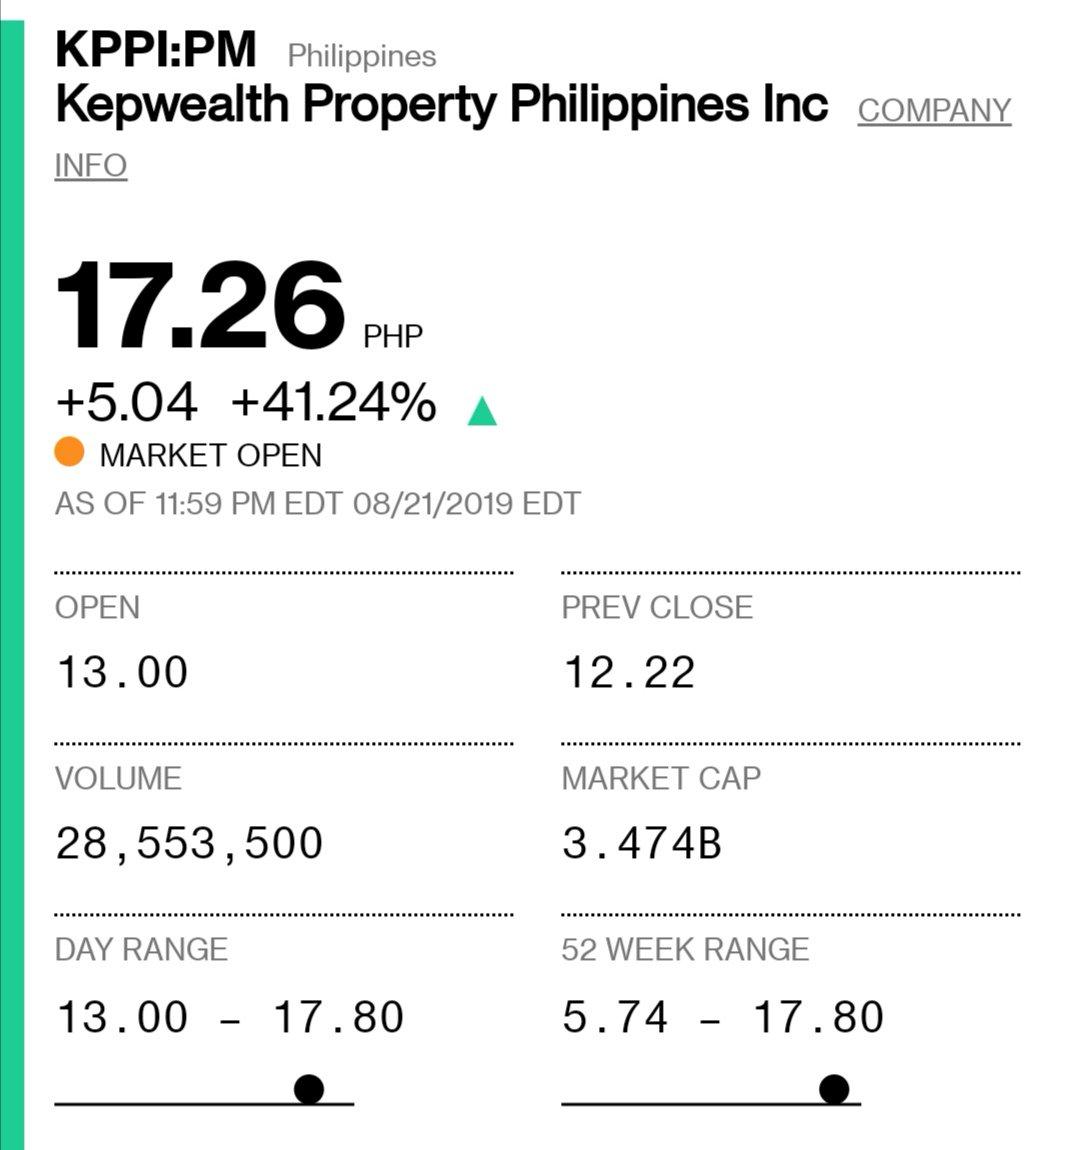 1週間もしないうちに3.5倍になった。どうなってんだこりゃ。仮想通貨にフラれてもフィリピン株がわいを癒やしてくれる…?